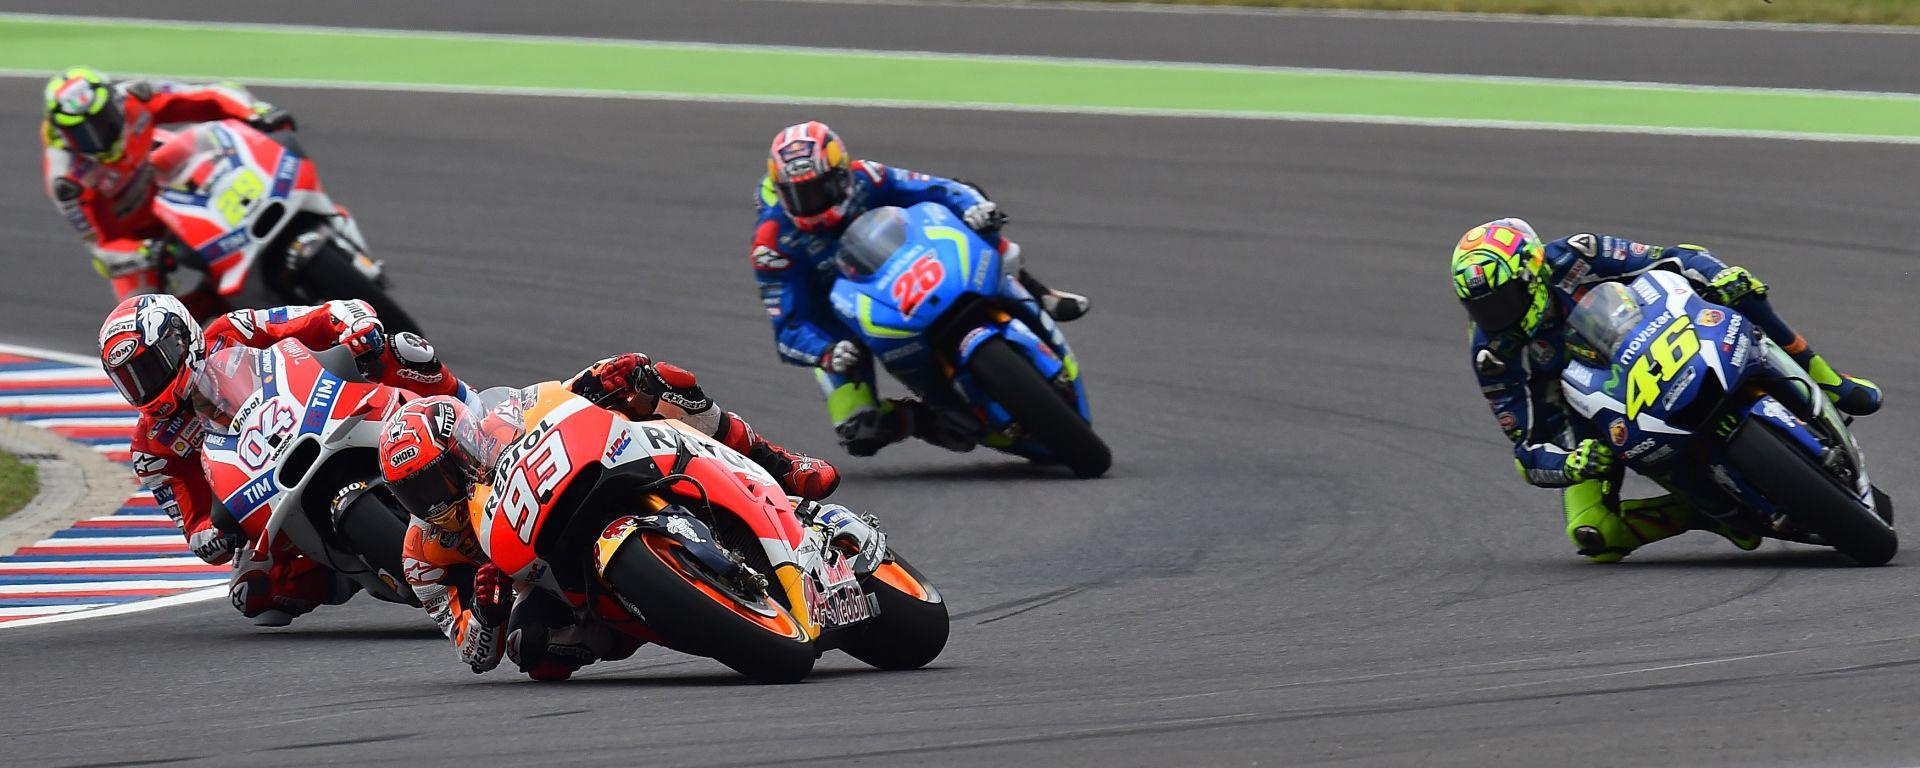 Ducati, una poltrona per due. Ma chi guiderà la Honda nel 2017?